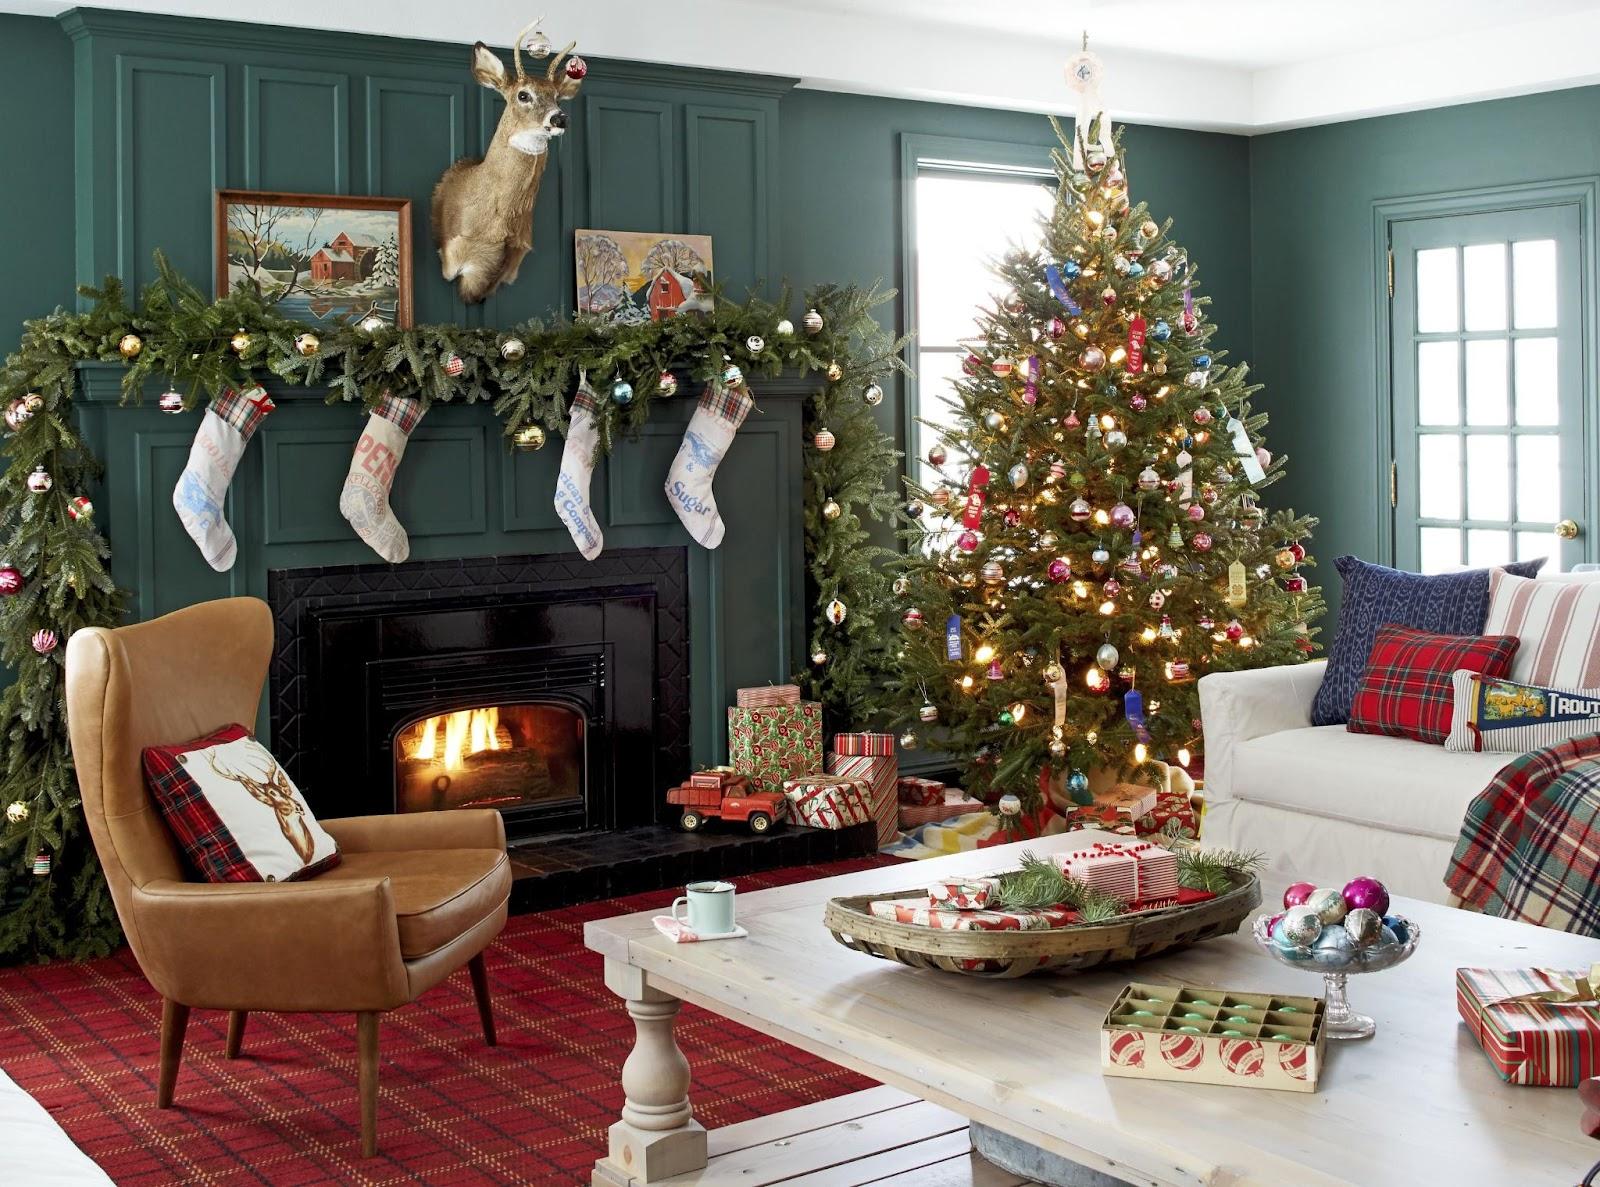 Christmas Theme Wall Decor Ideas